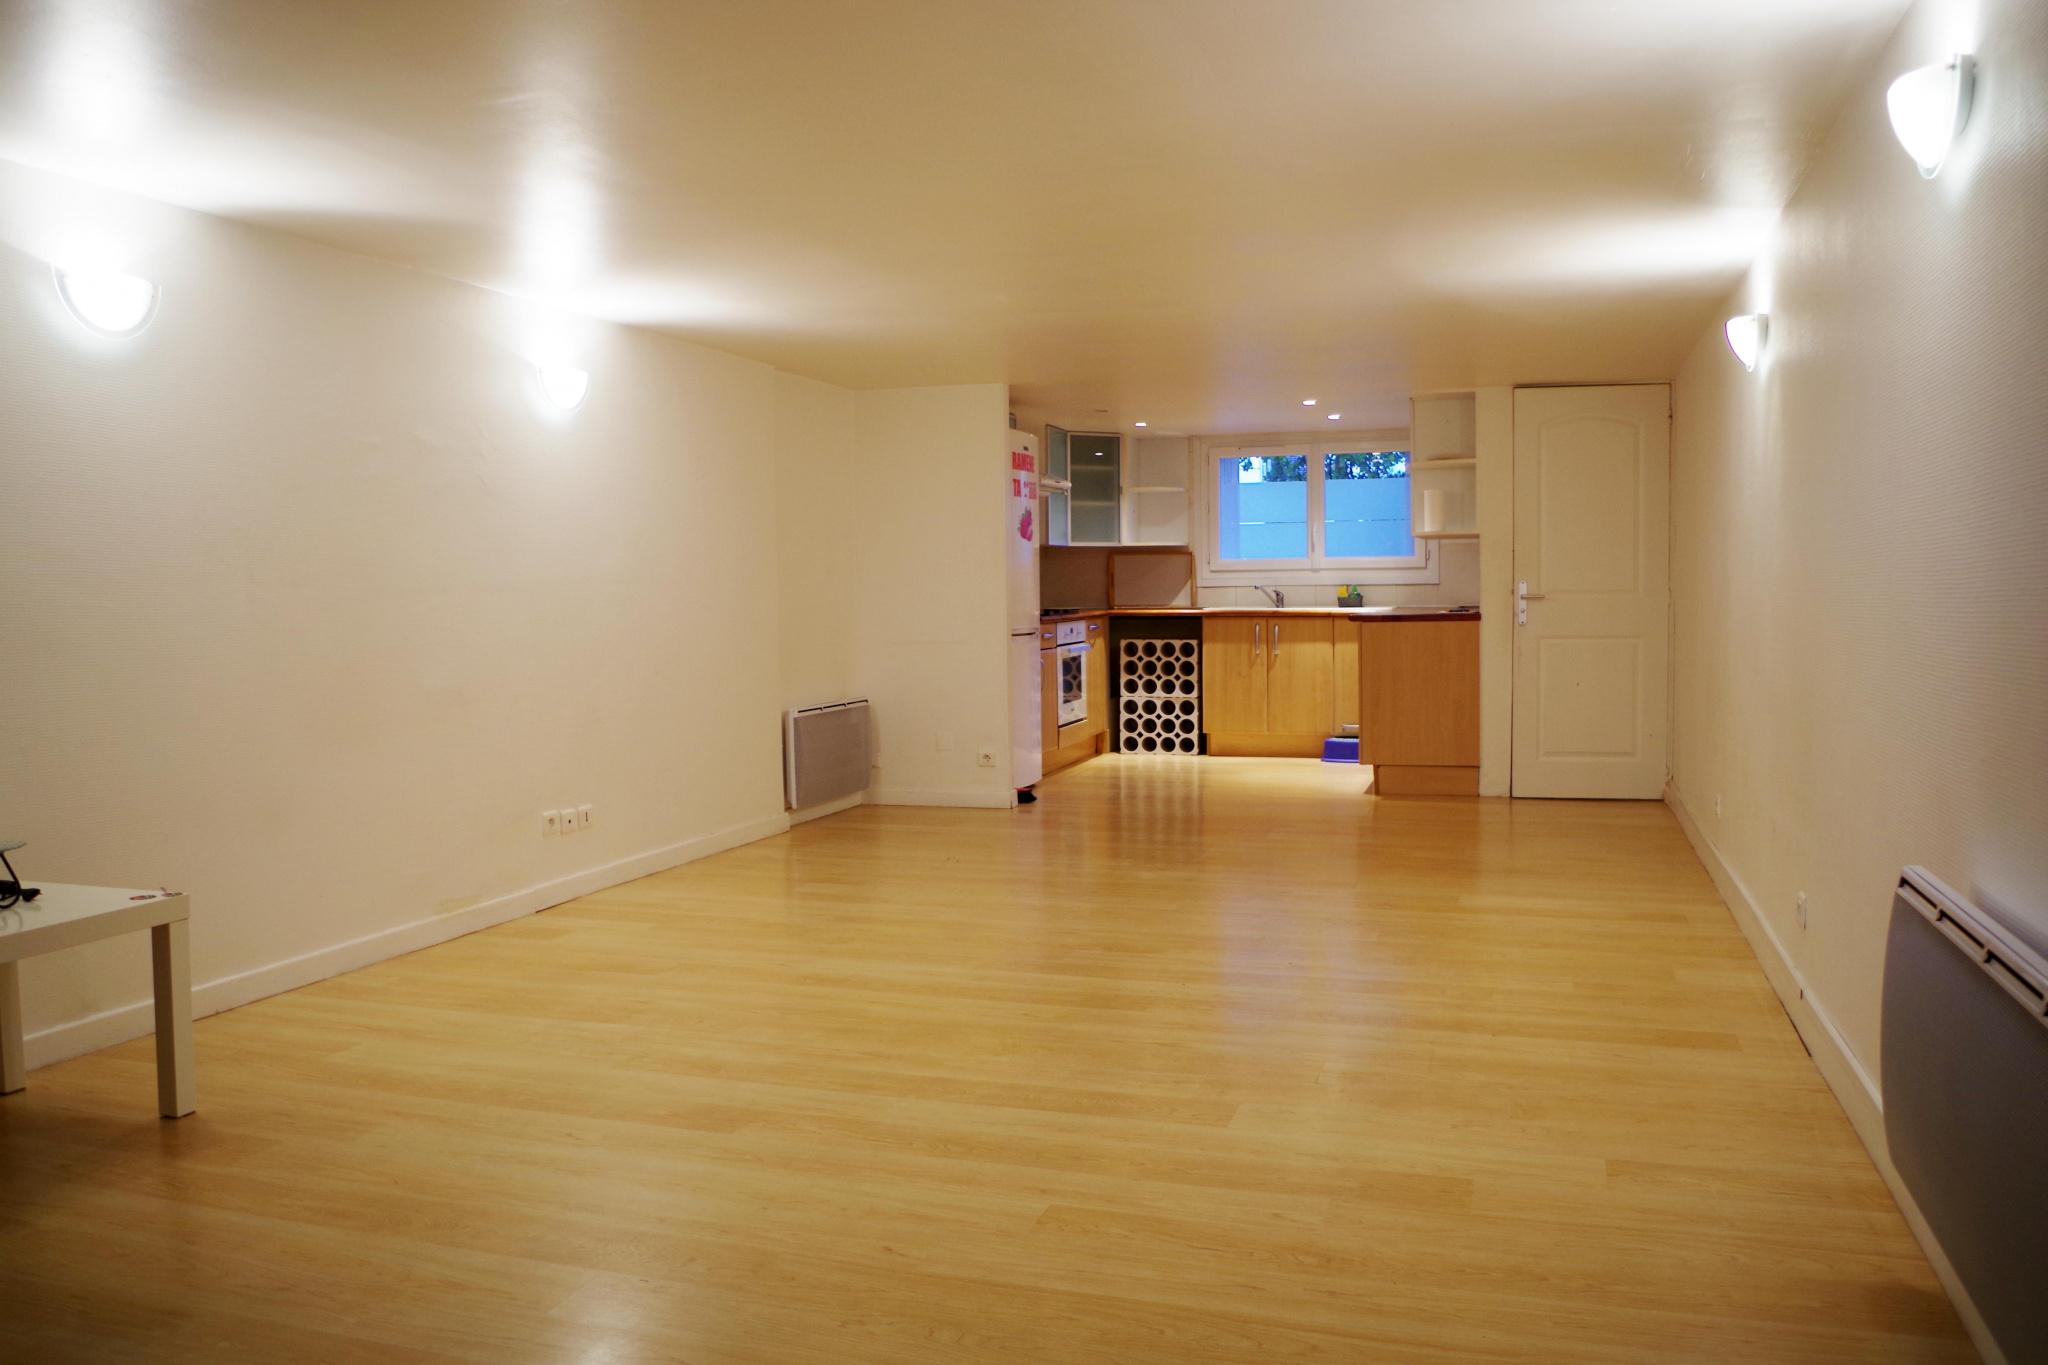 Proche du stade Aguilera (15 min à pied) , dans une rue au calme avec possibilité de stationner son véhiculegratuitement. Appartement en duplex se composant d'une grande pièce de vie avec cuisine ouverte (30 m2), wc séparé. À l'étage dégagement donnant l'accès sur 2 chambres (1 aveugle) et salle de bains avec wc. Pas de travux à prévoir dans l'appartement. A VISITER AVEC L'AGENCE IMMOBILIERE BIARRITZ AU 05.59.24.57.44